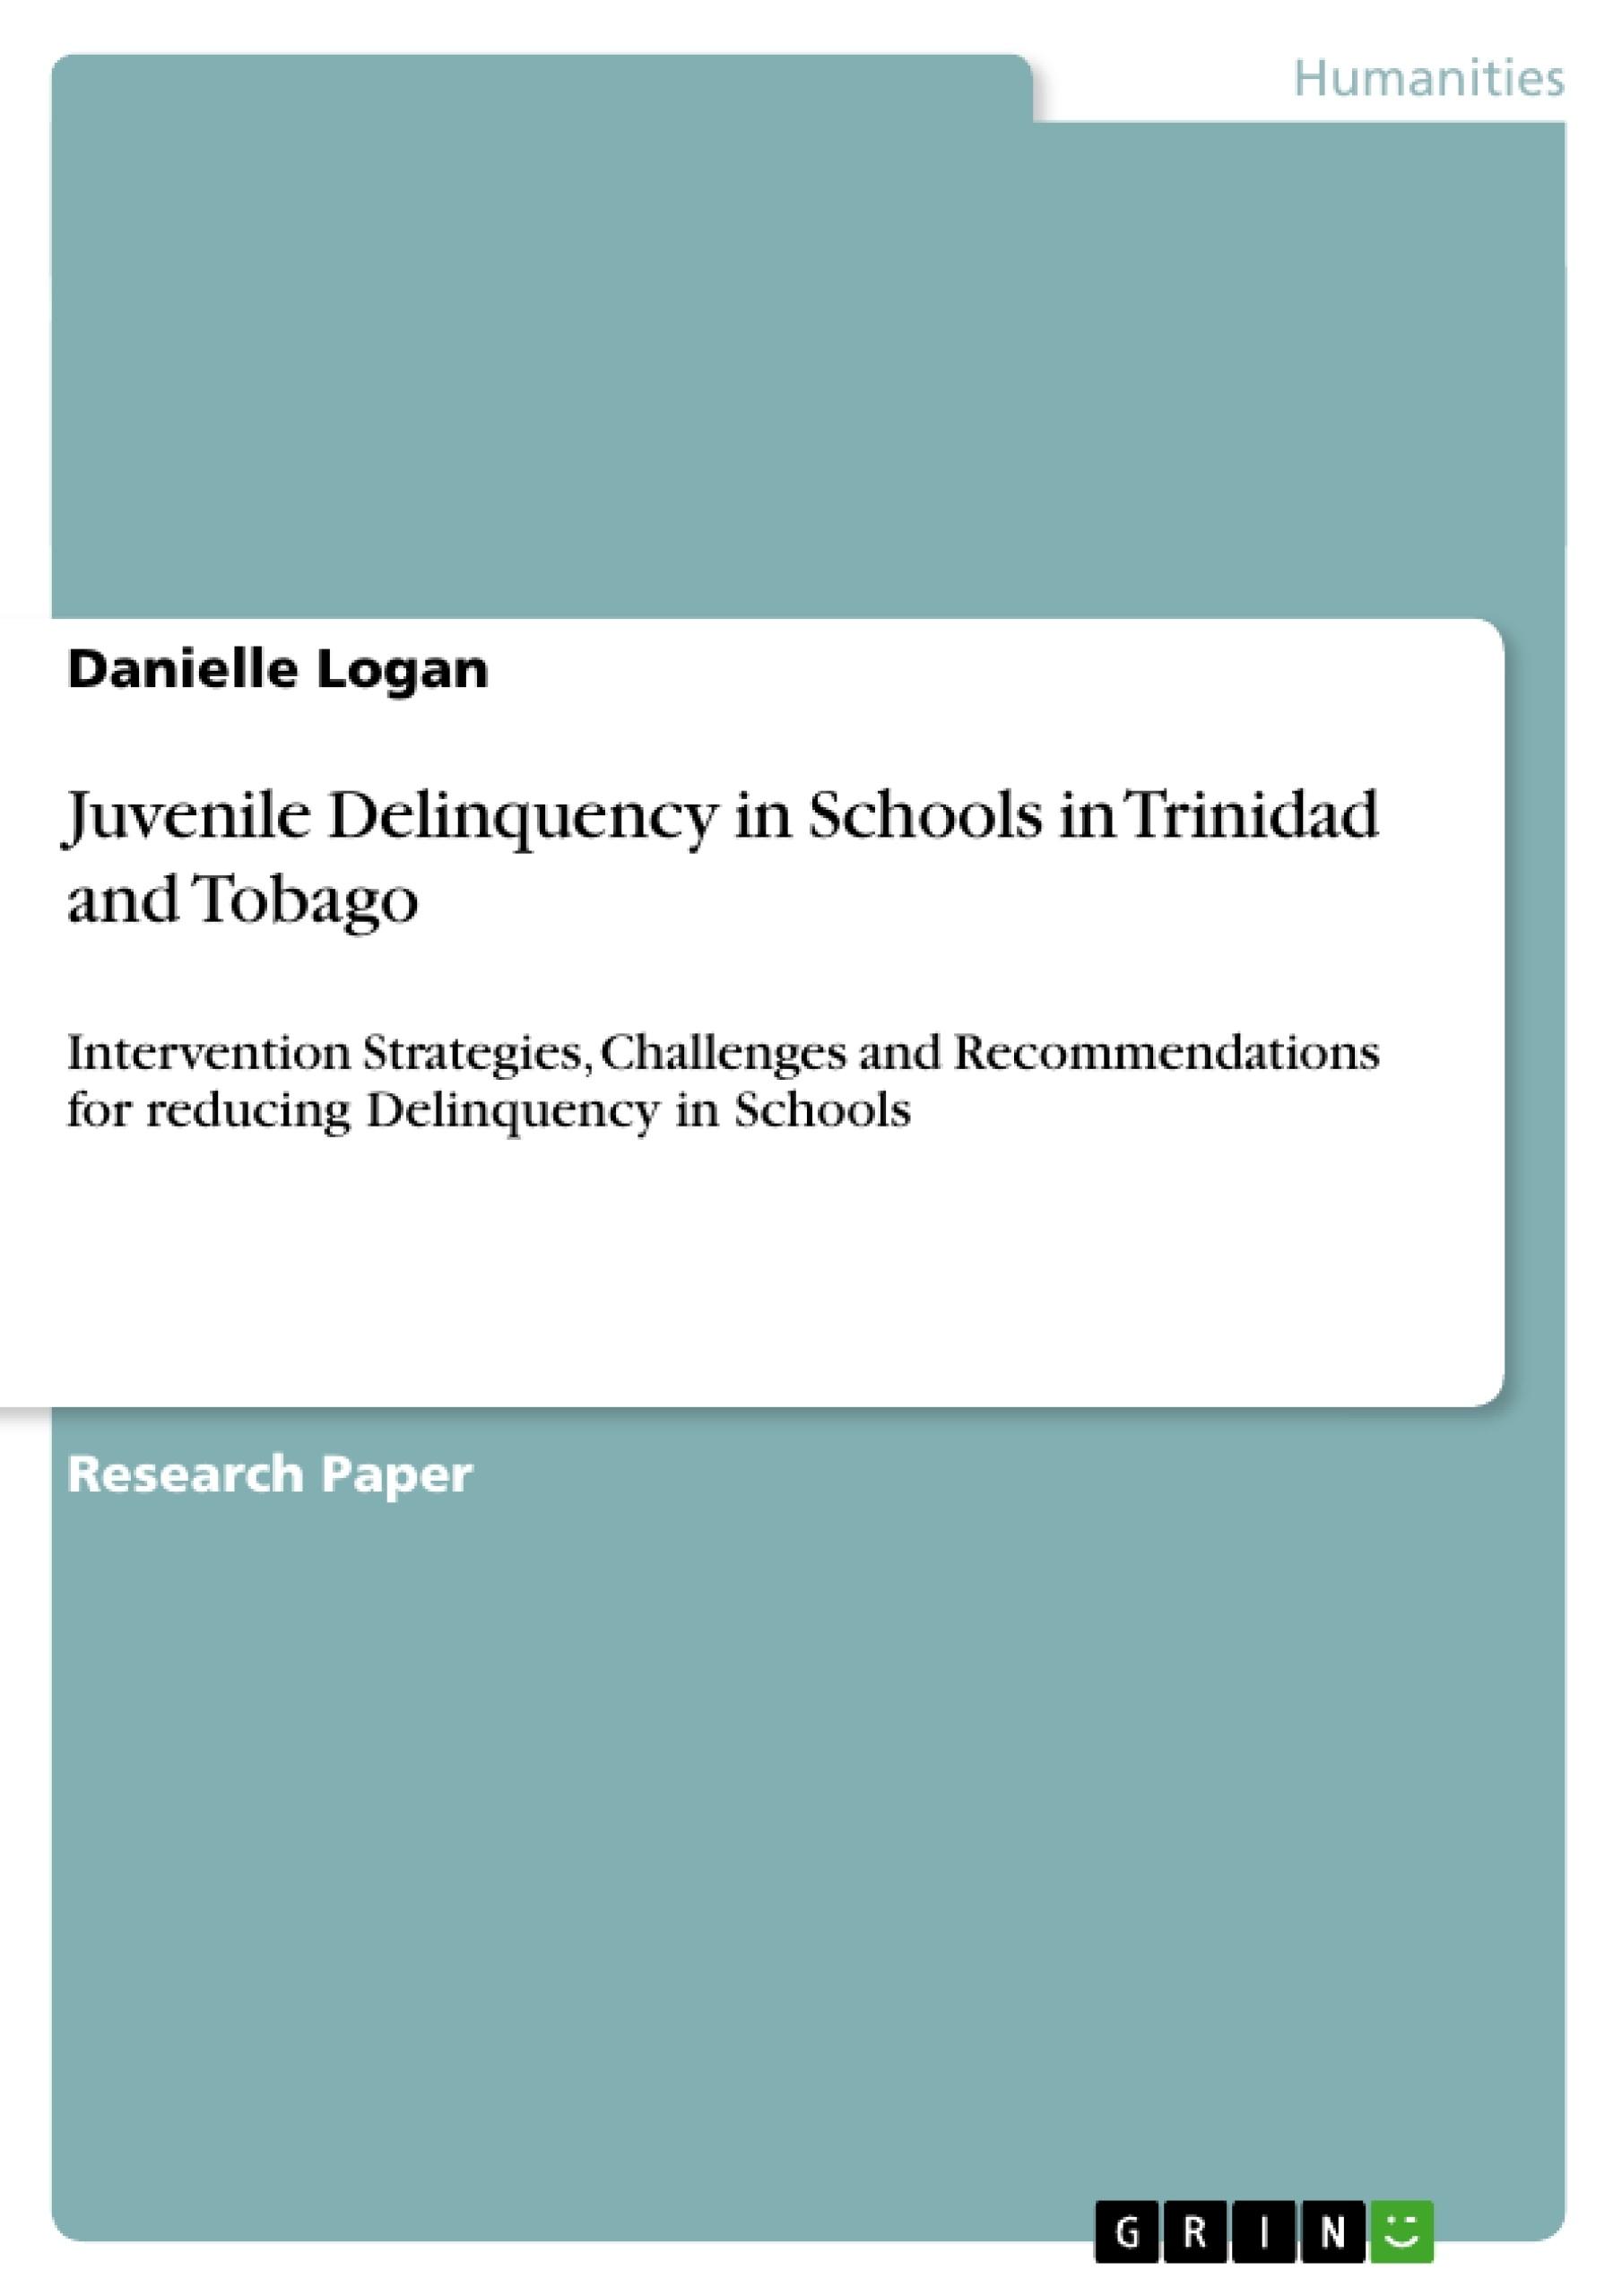 Title: Juvenile Delinquency in Schools in Trinidad and Tobago